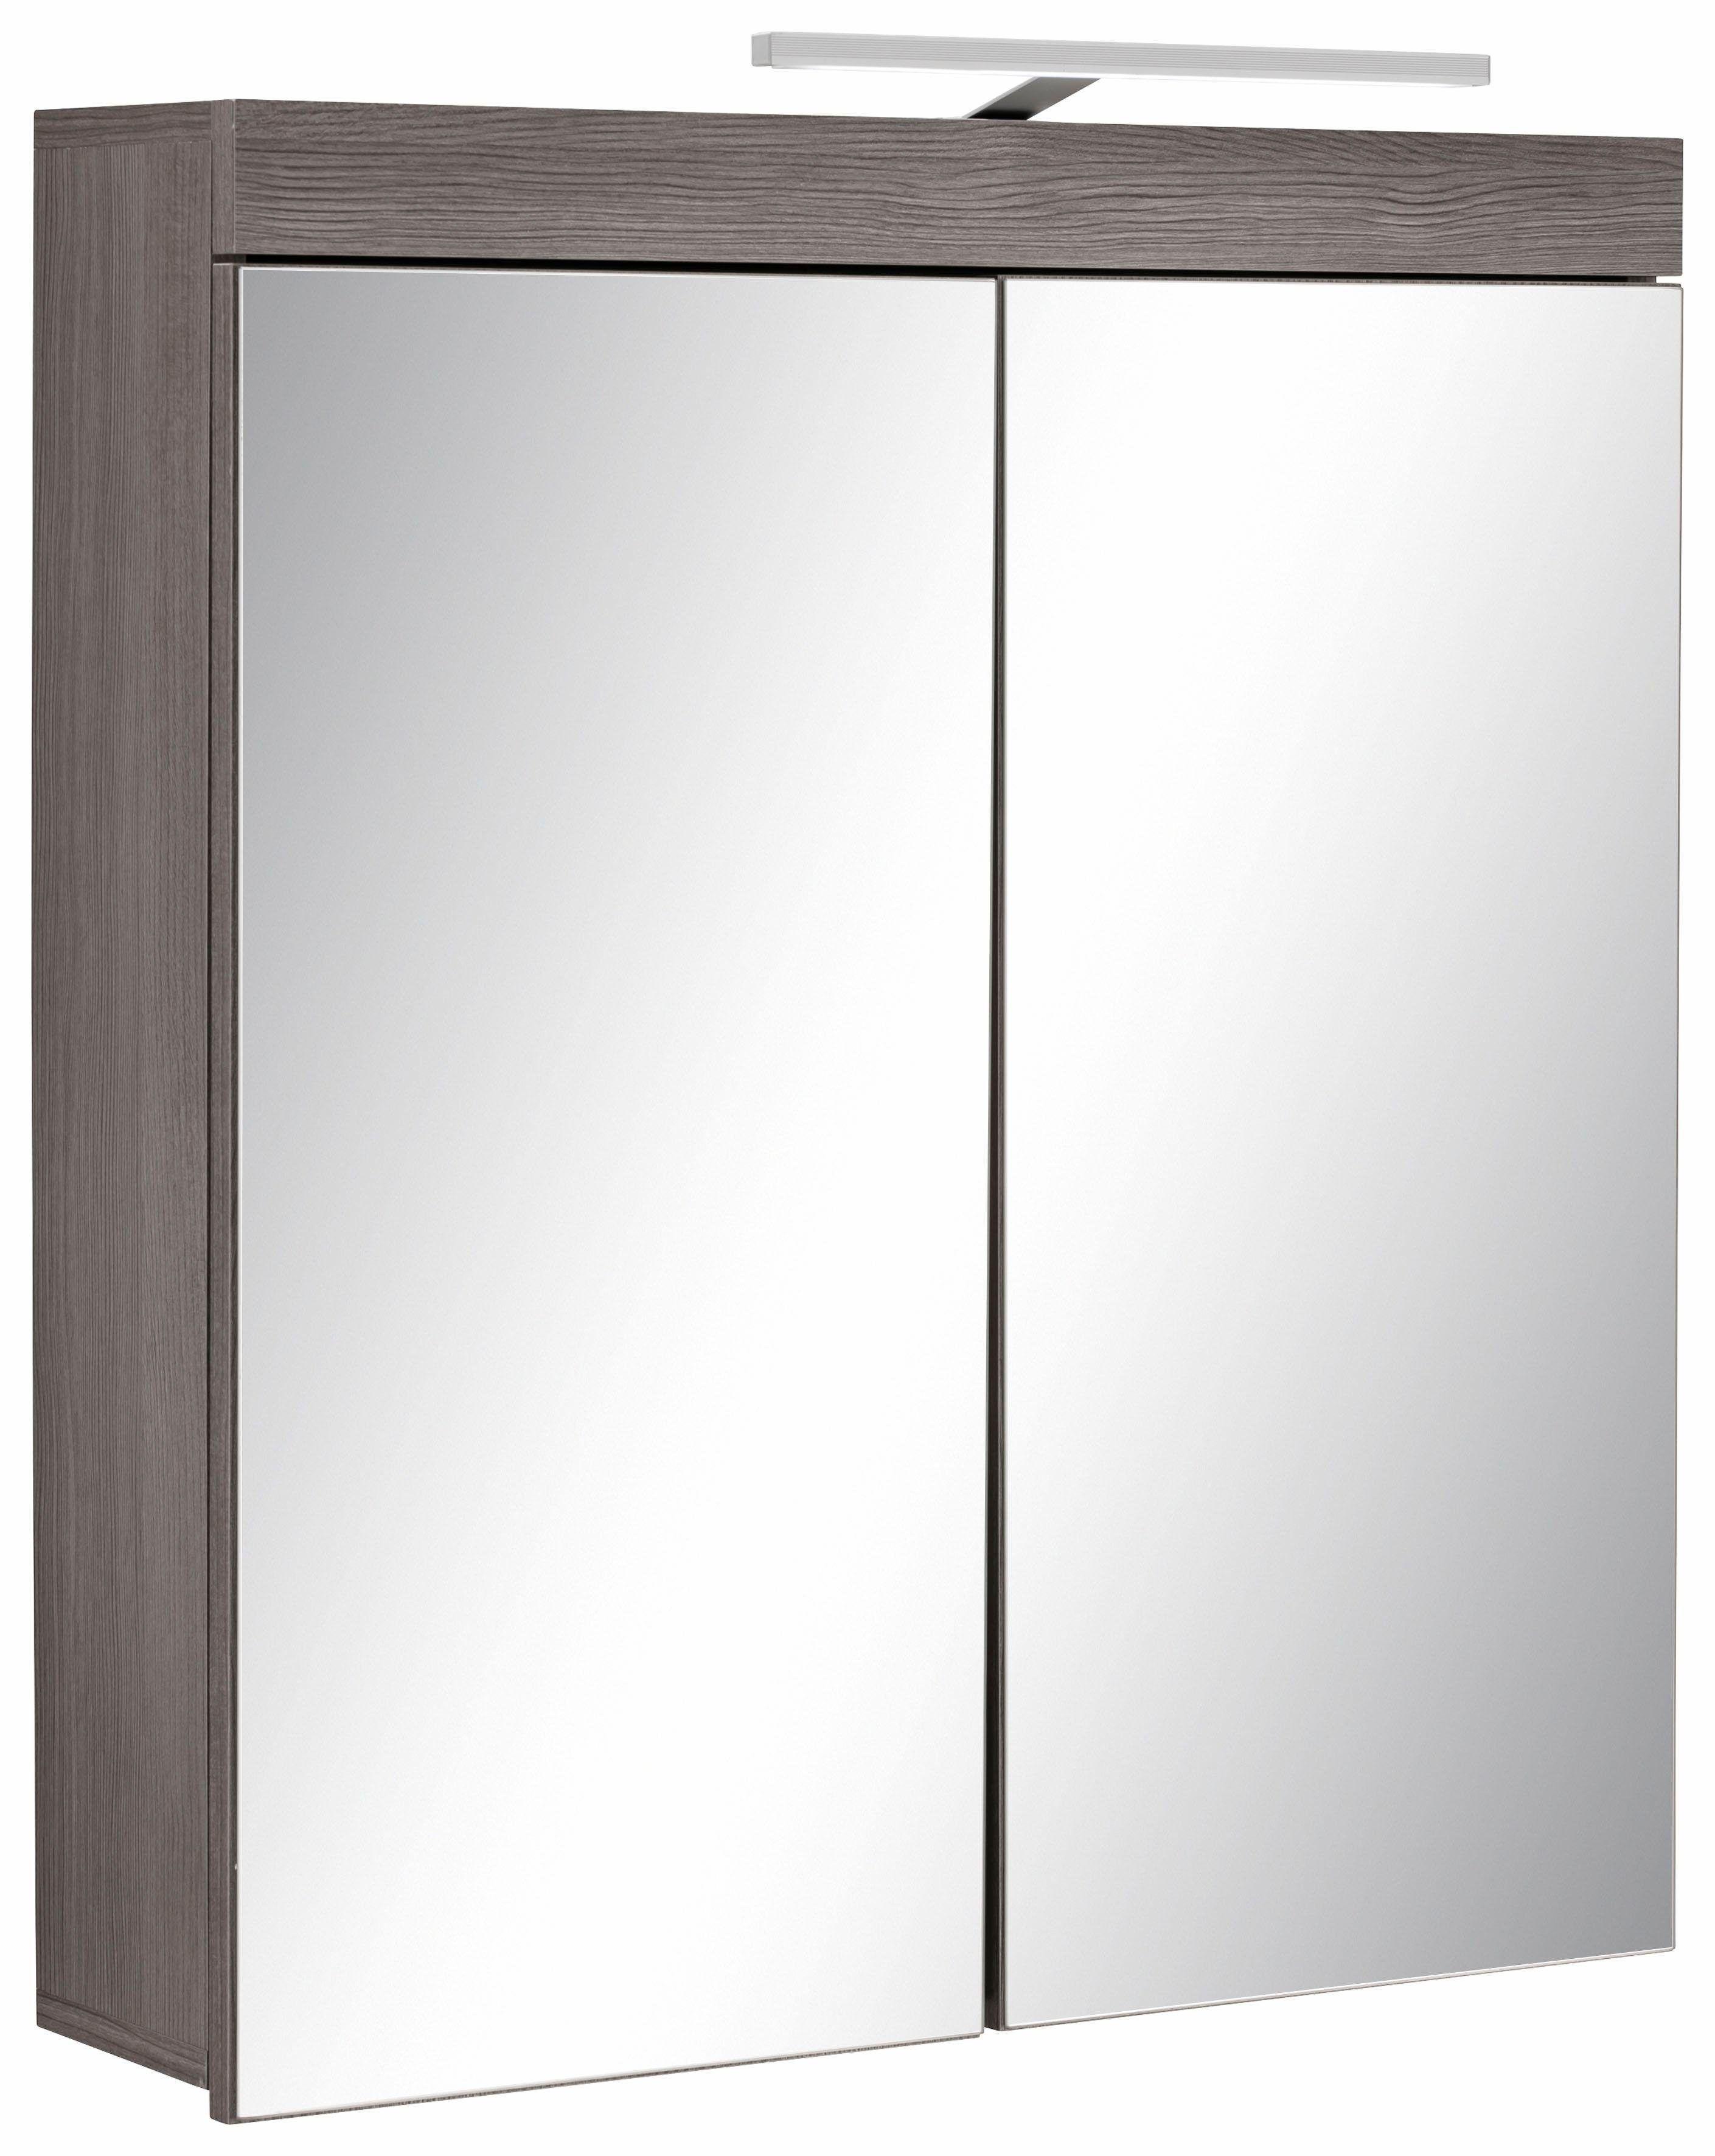 Welltime Spiegelschrank Miami Grau Pflegeleichte Oberflache Fsc Zertifiziert Jetzt Bestellen Unter Https Spiegelschrank Spiegel Spiegelschranke Furs Bad